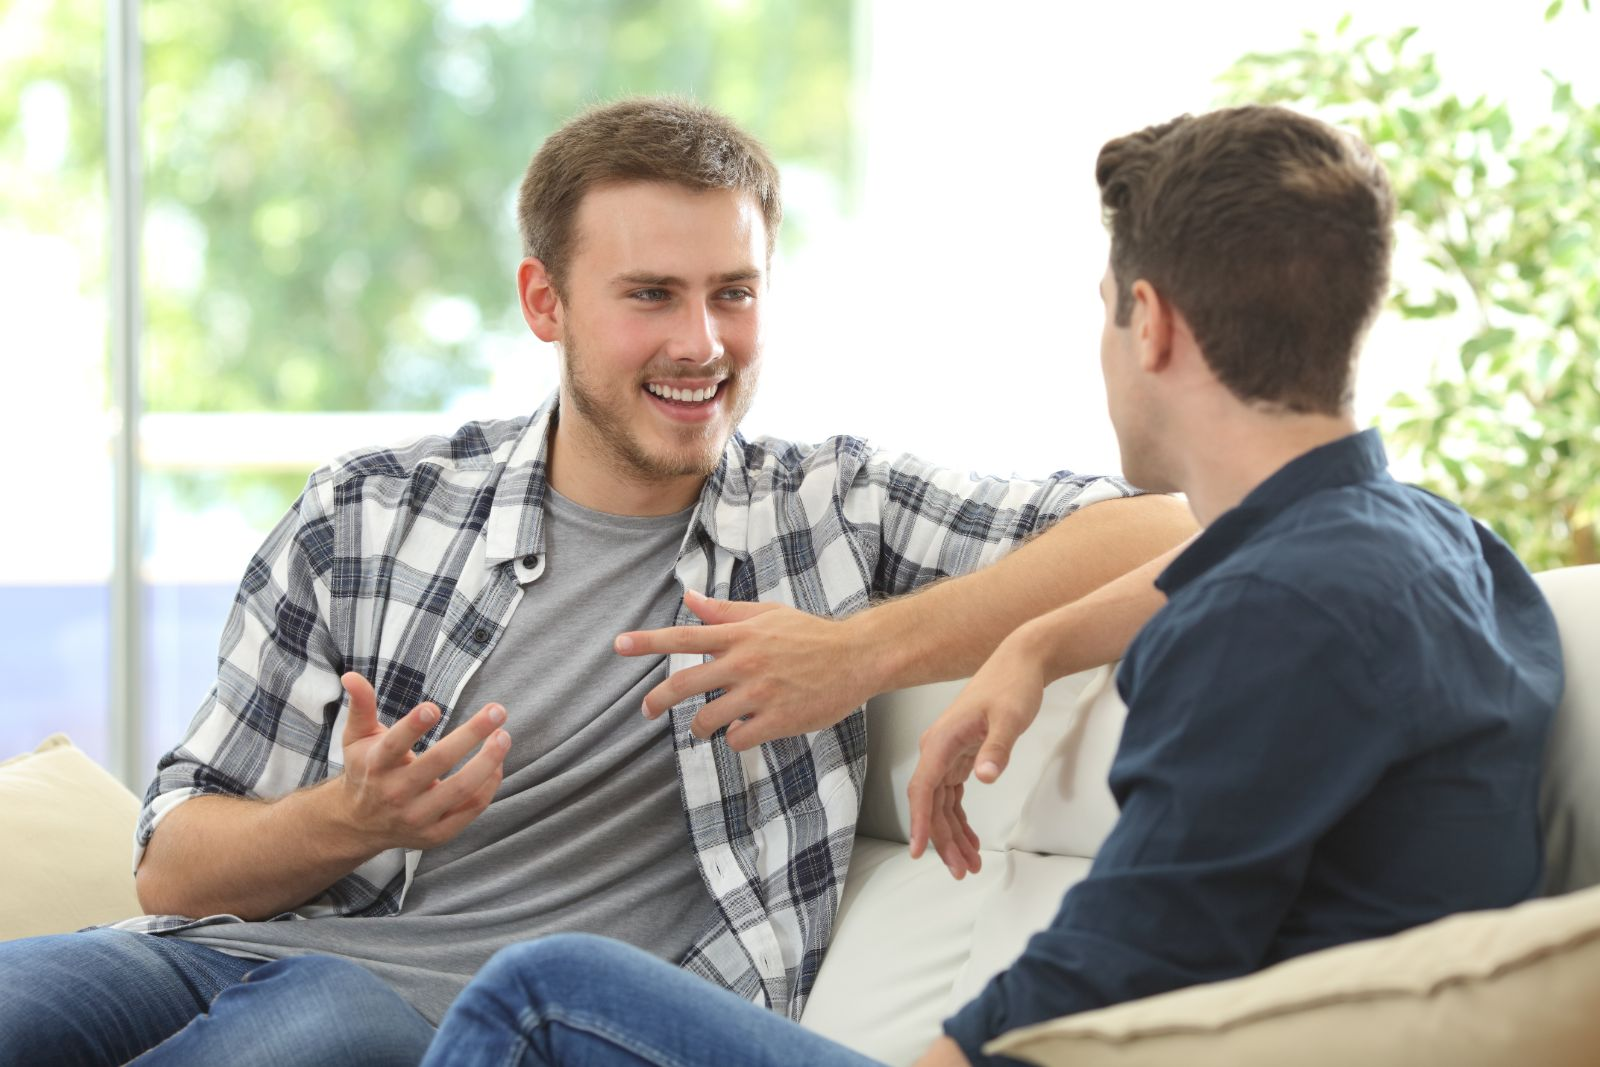 two men discussing something